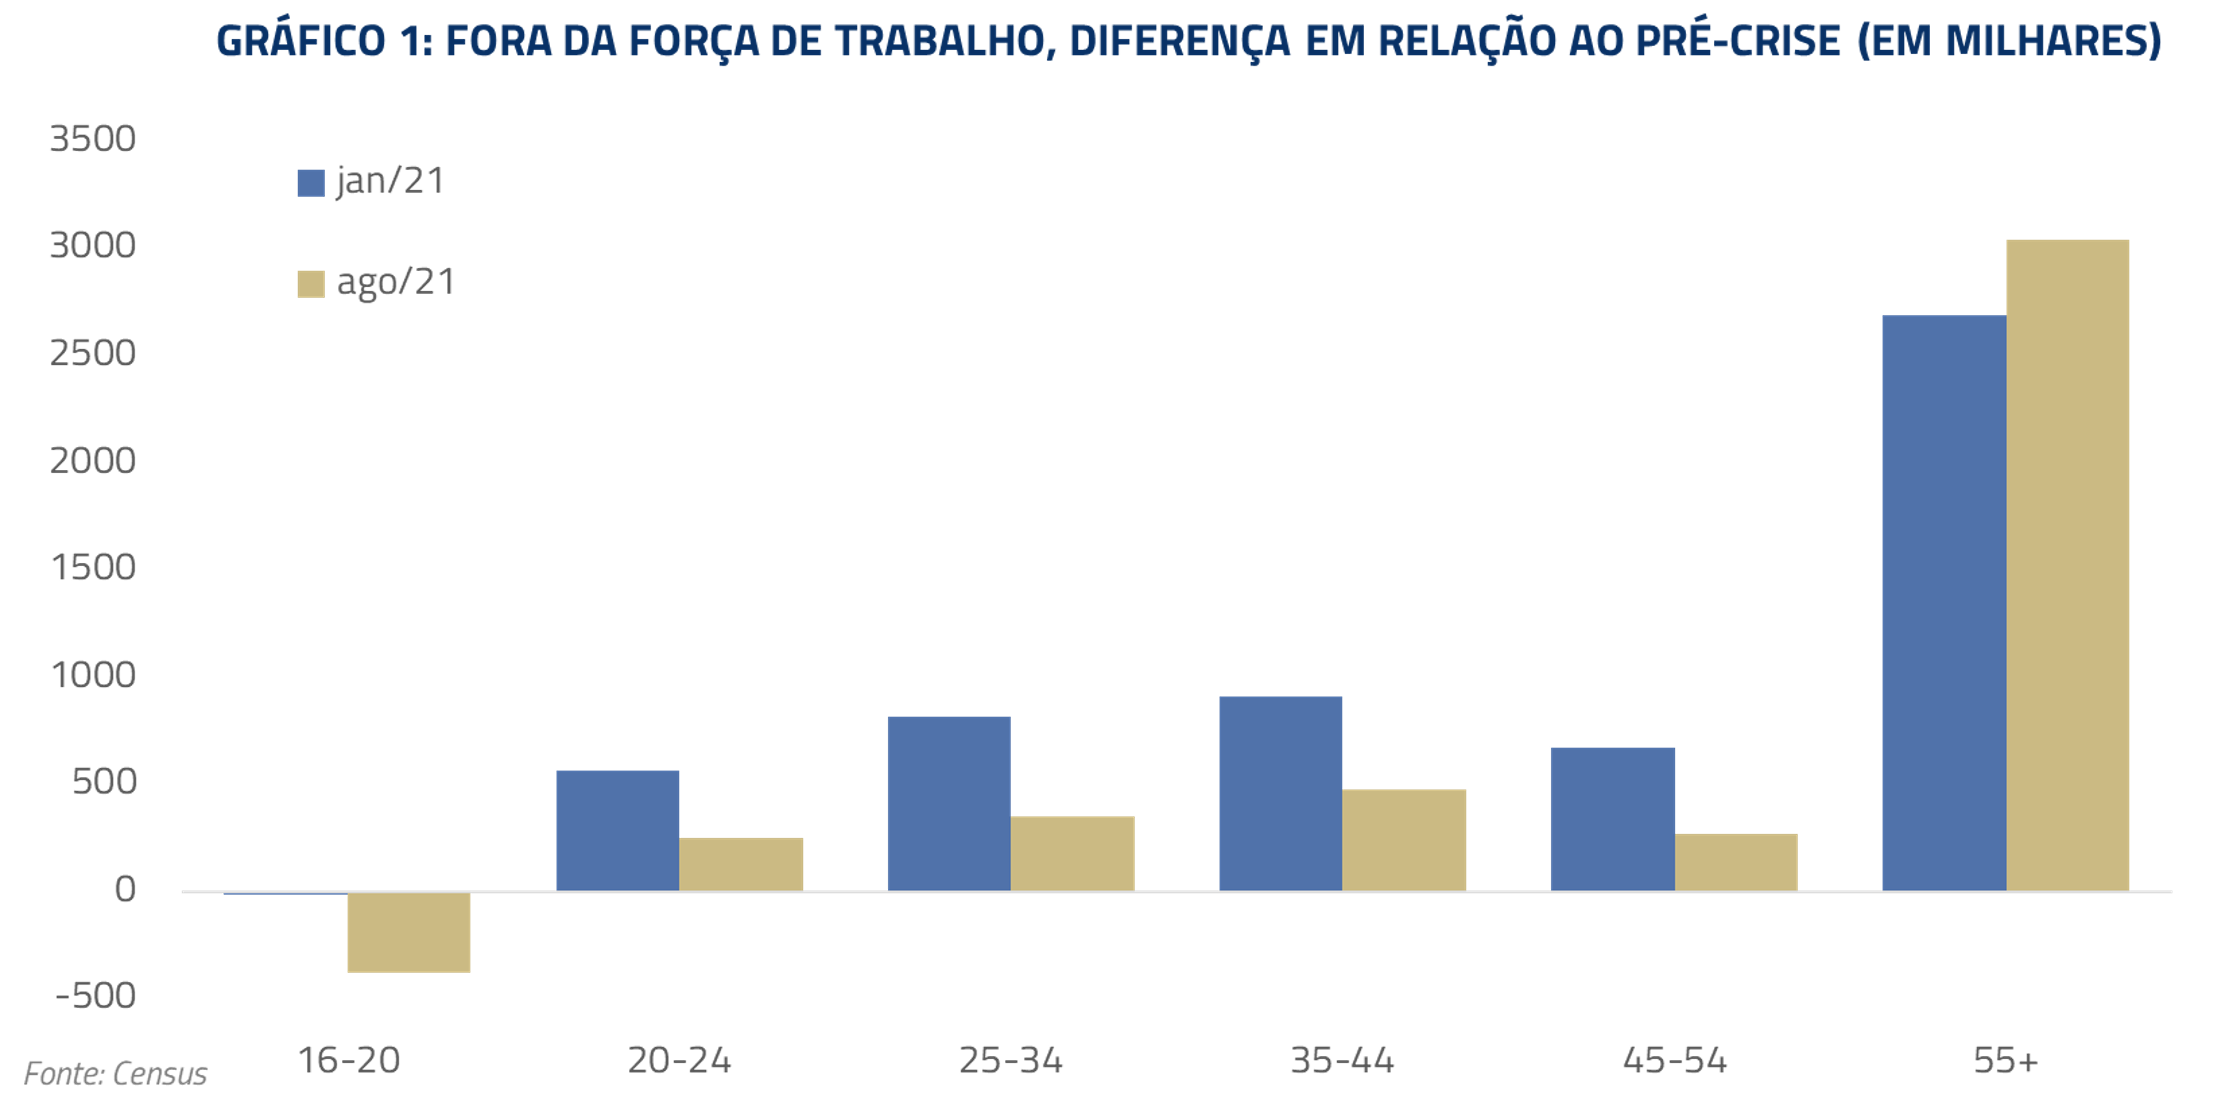 Gráfico de força de trabalho